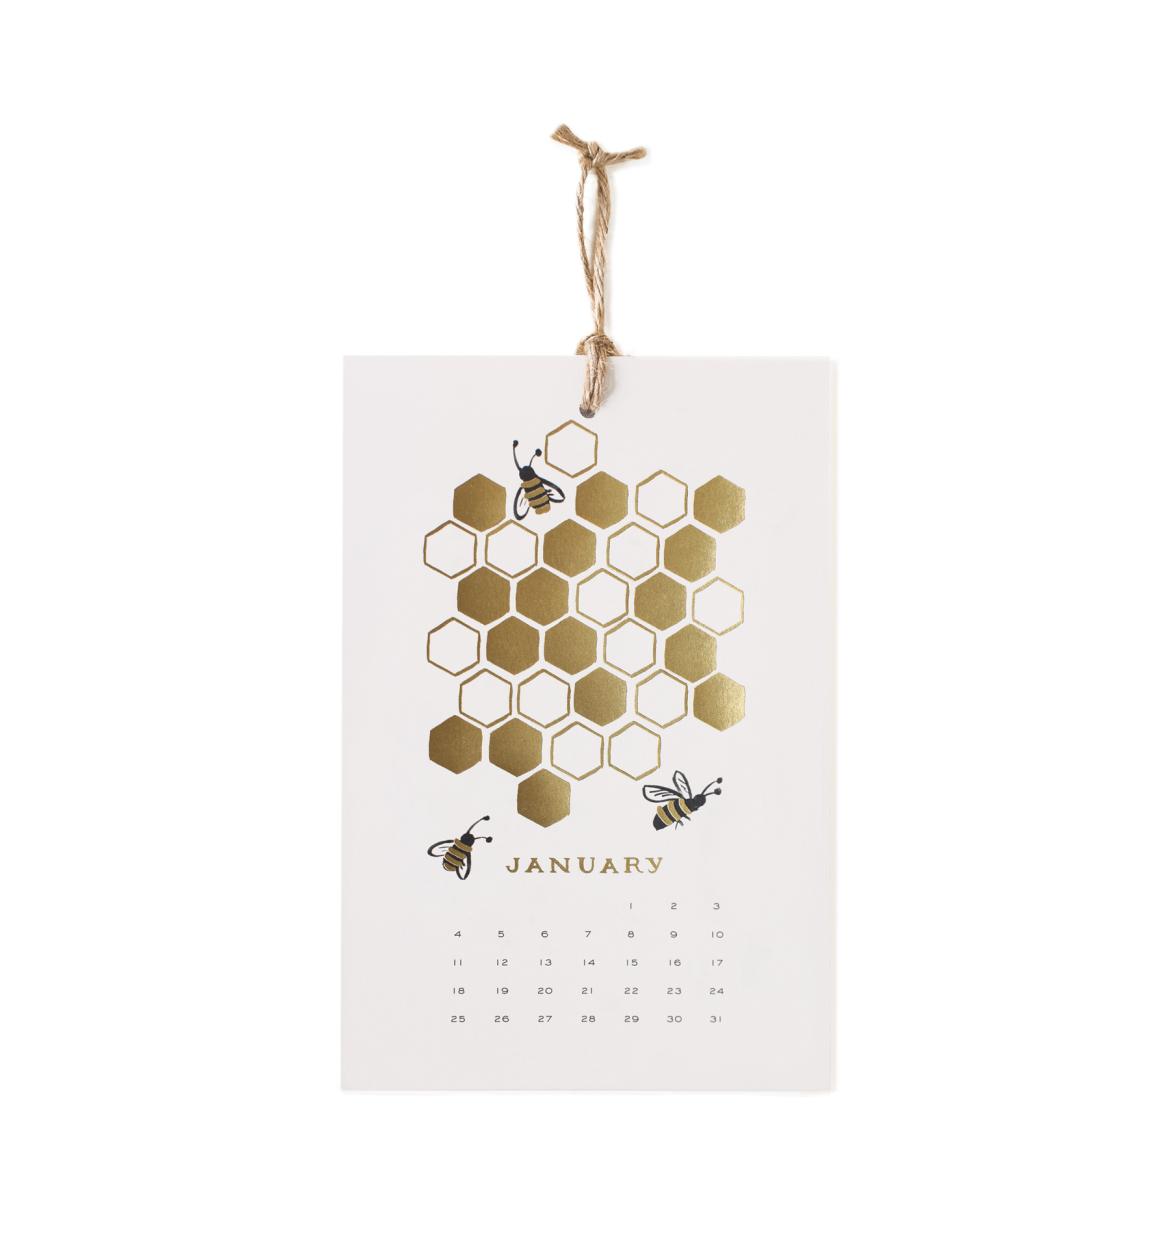 2015-honey-bee-wall-calendar-02_1.png